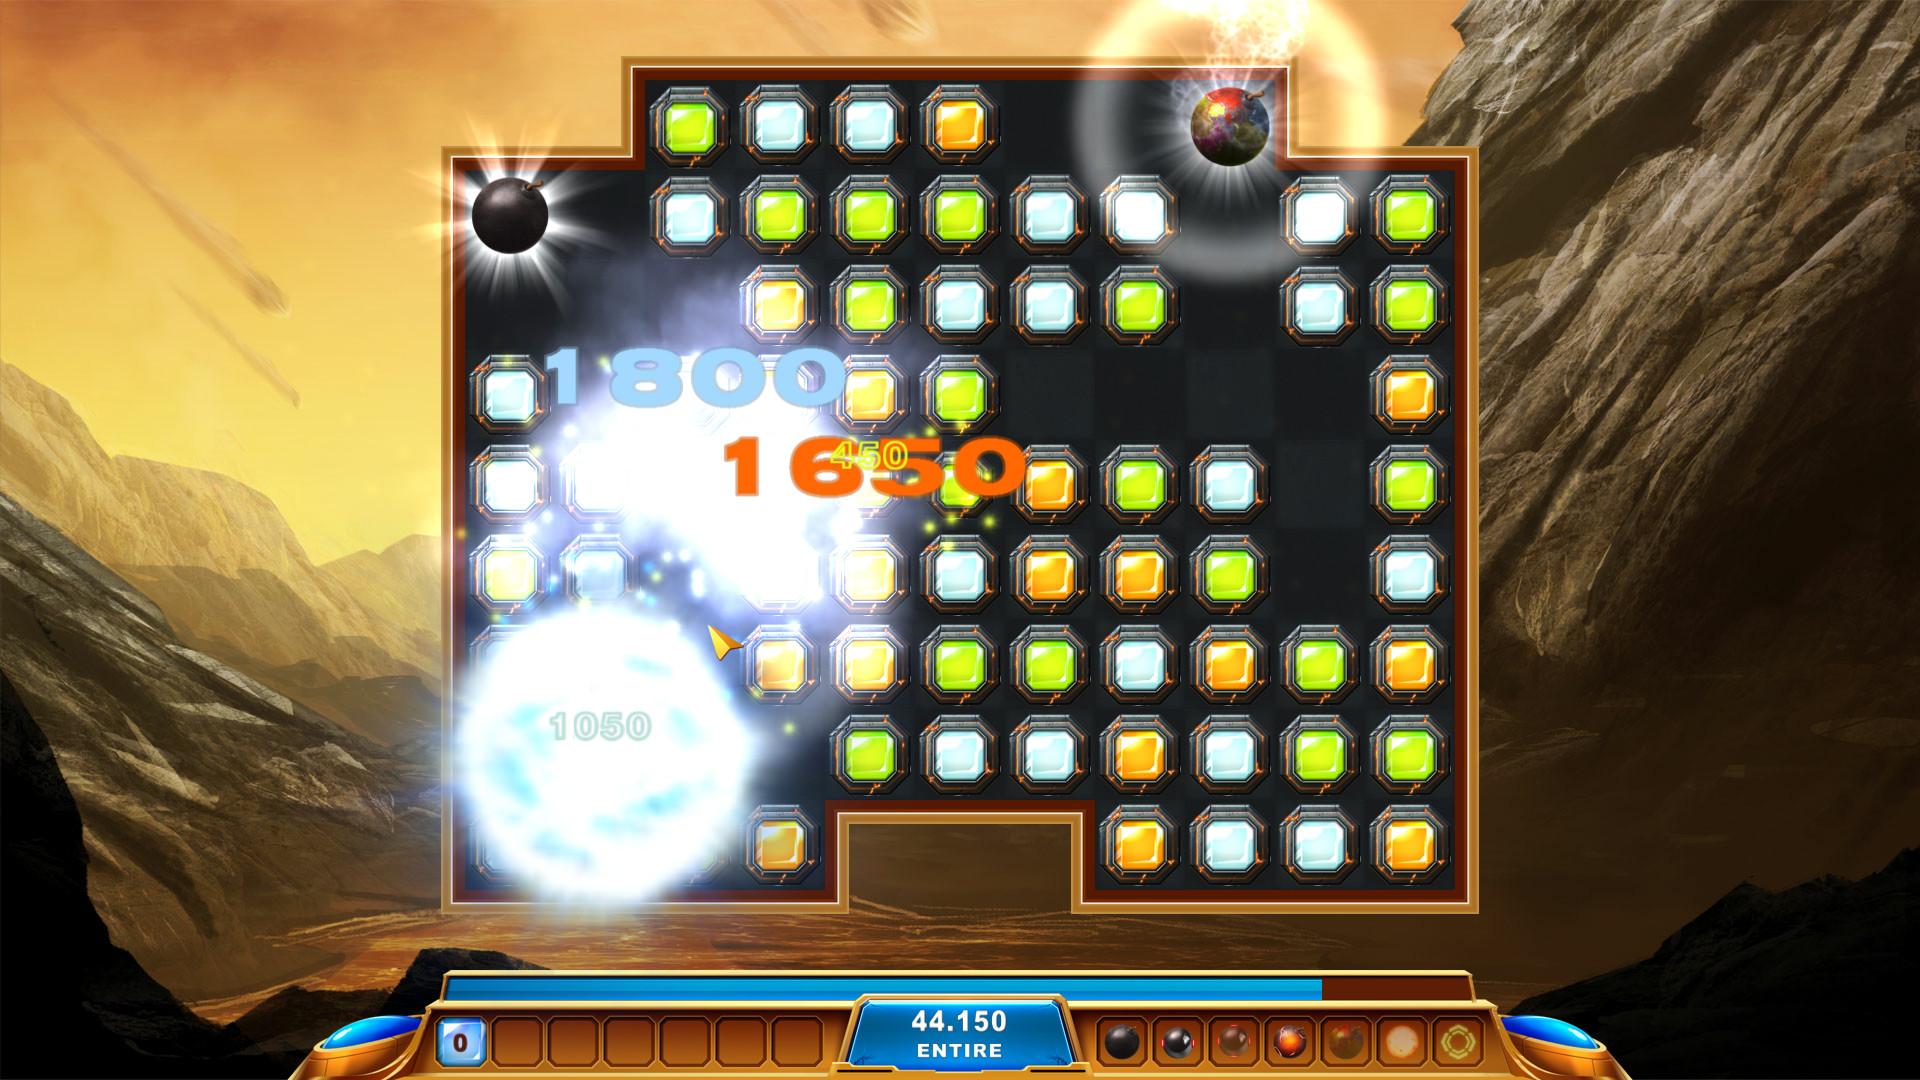 com.steam.657110-screenshot